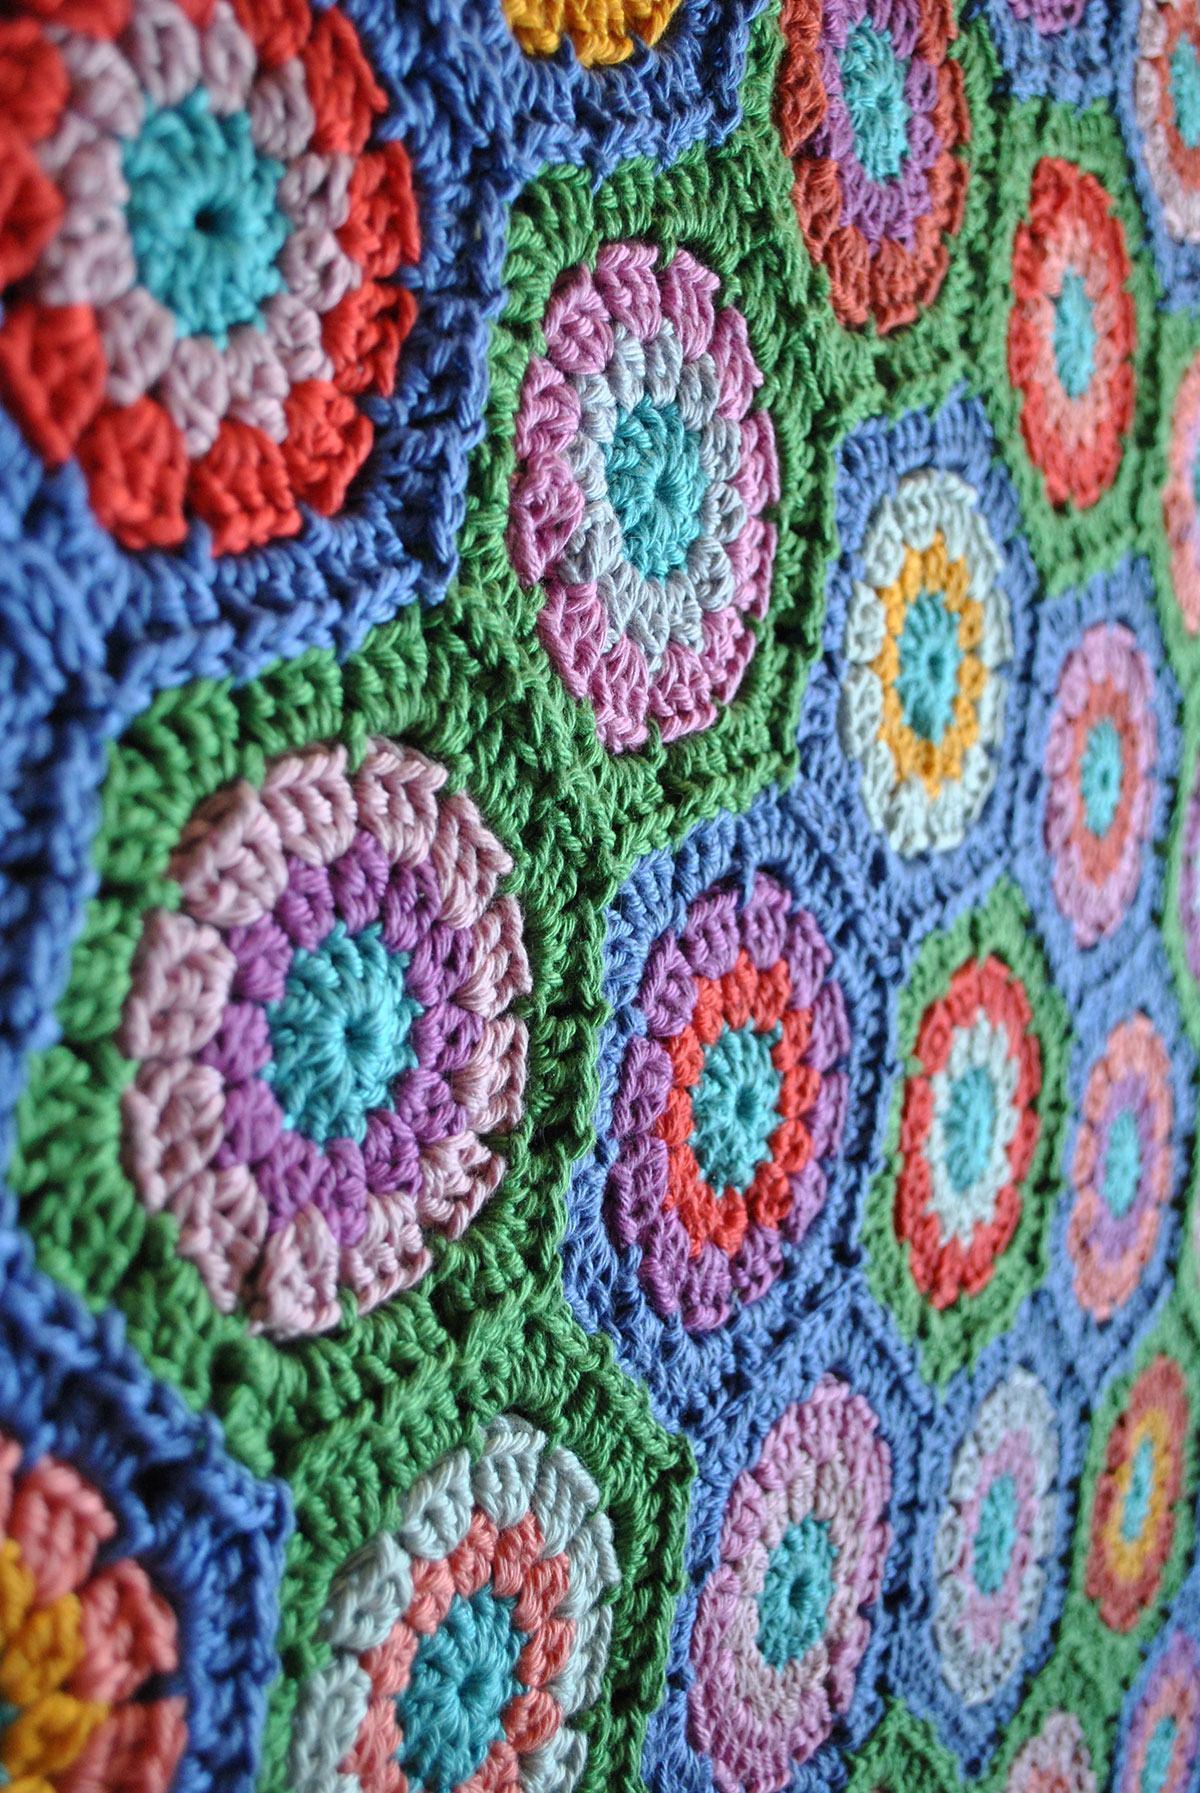 Flores unidas por barbantes coloridos de crochê